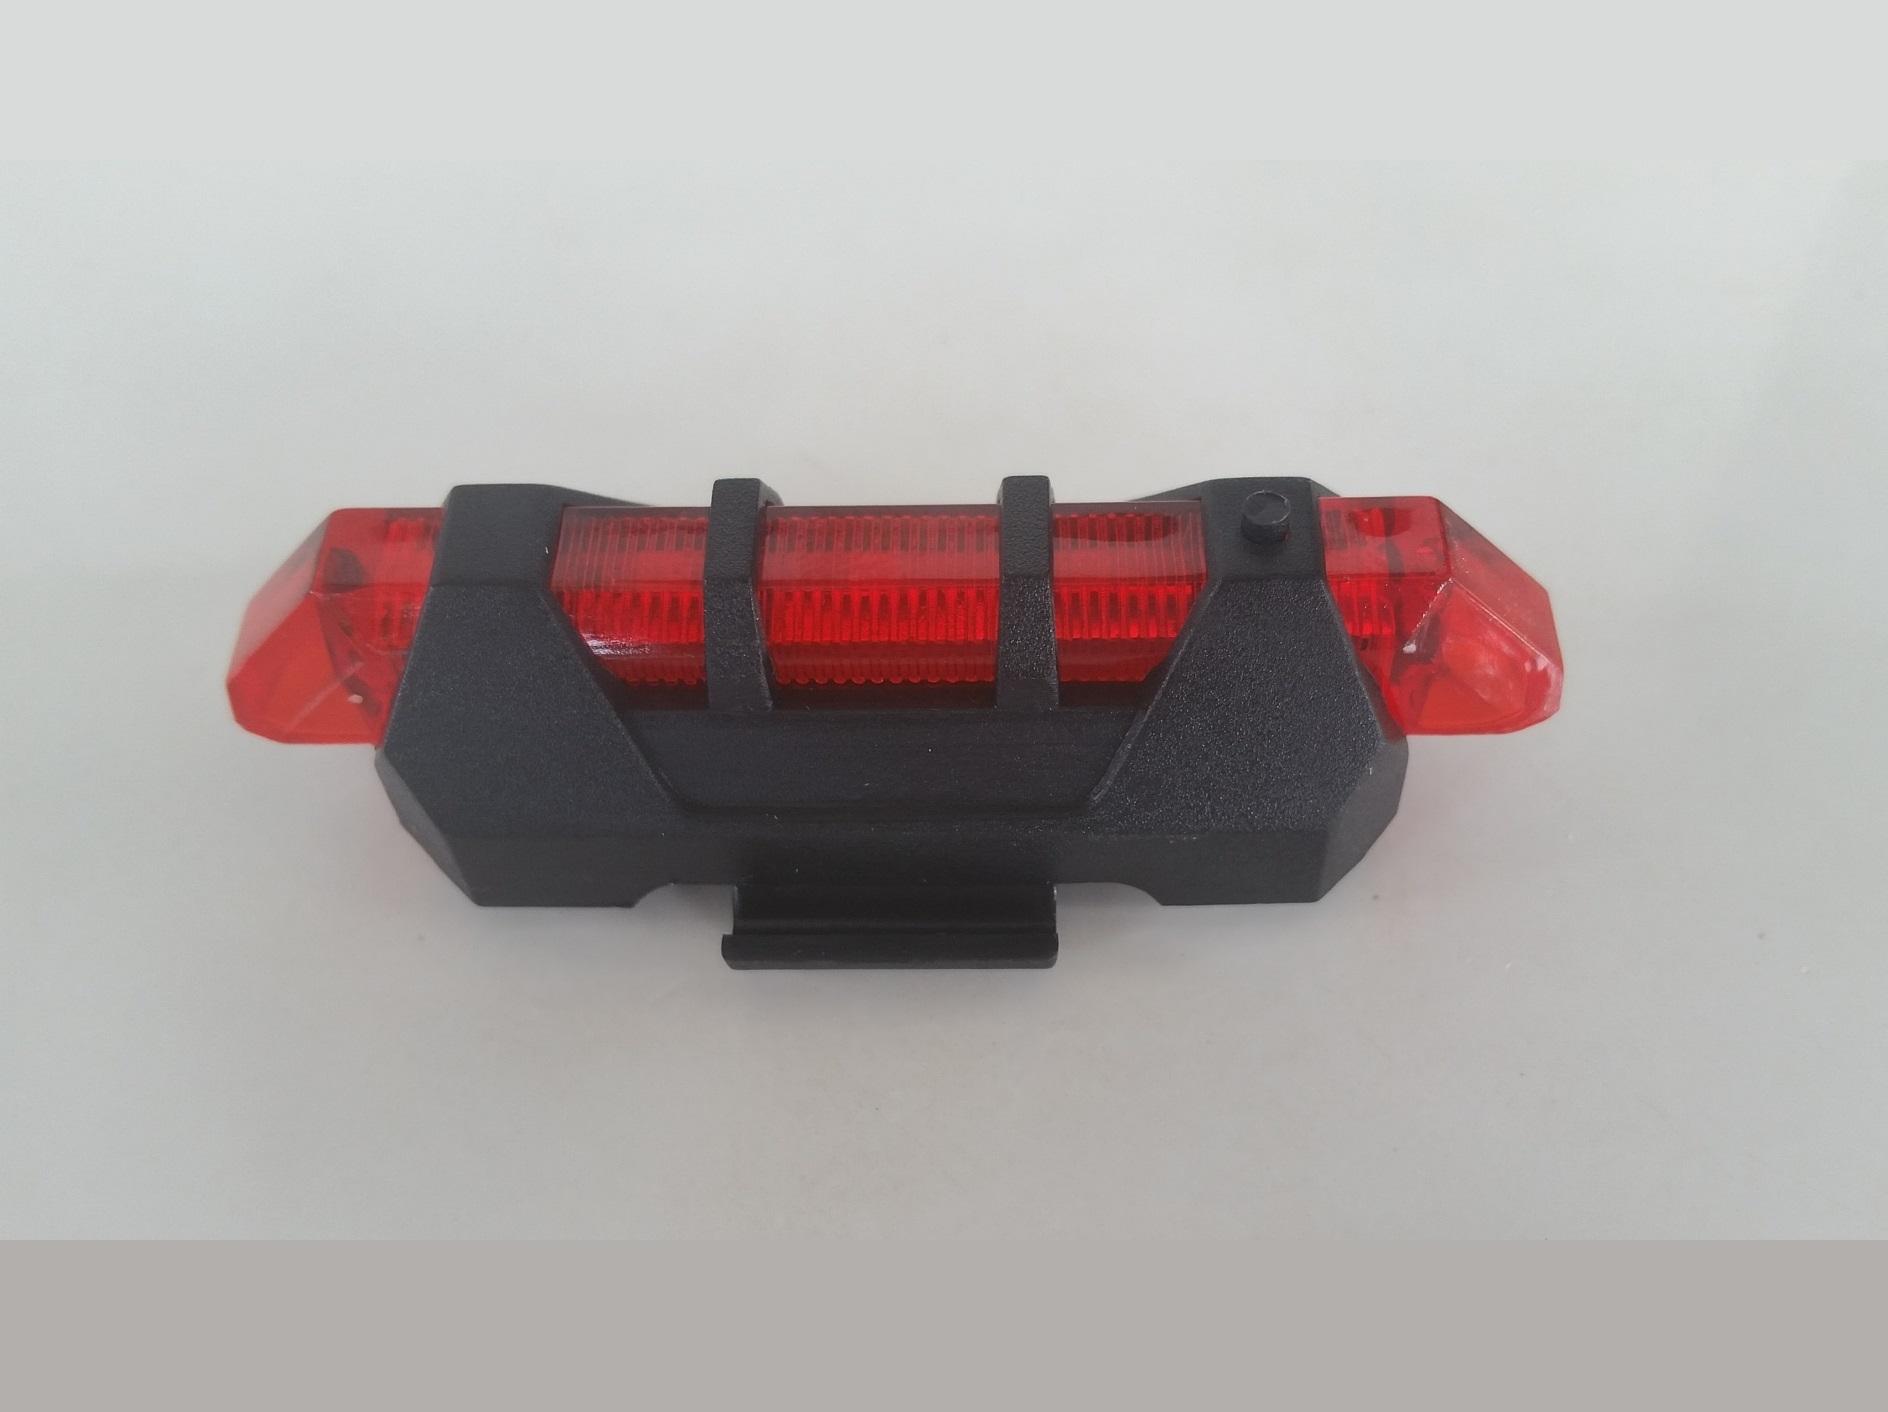 ไฟท้ายจักรยาน DC-928 USB Recharge (แสงสีแดง)